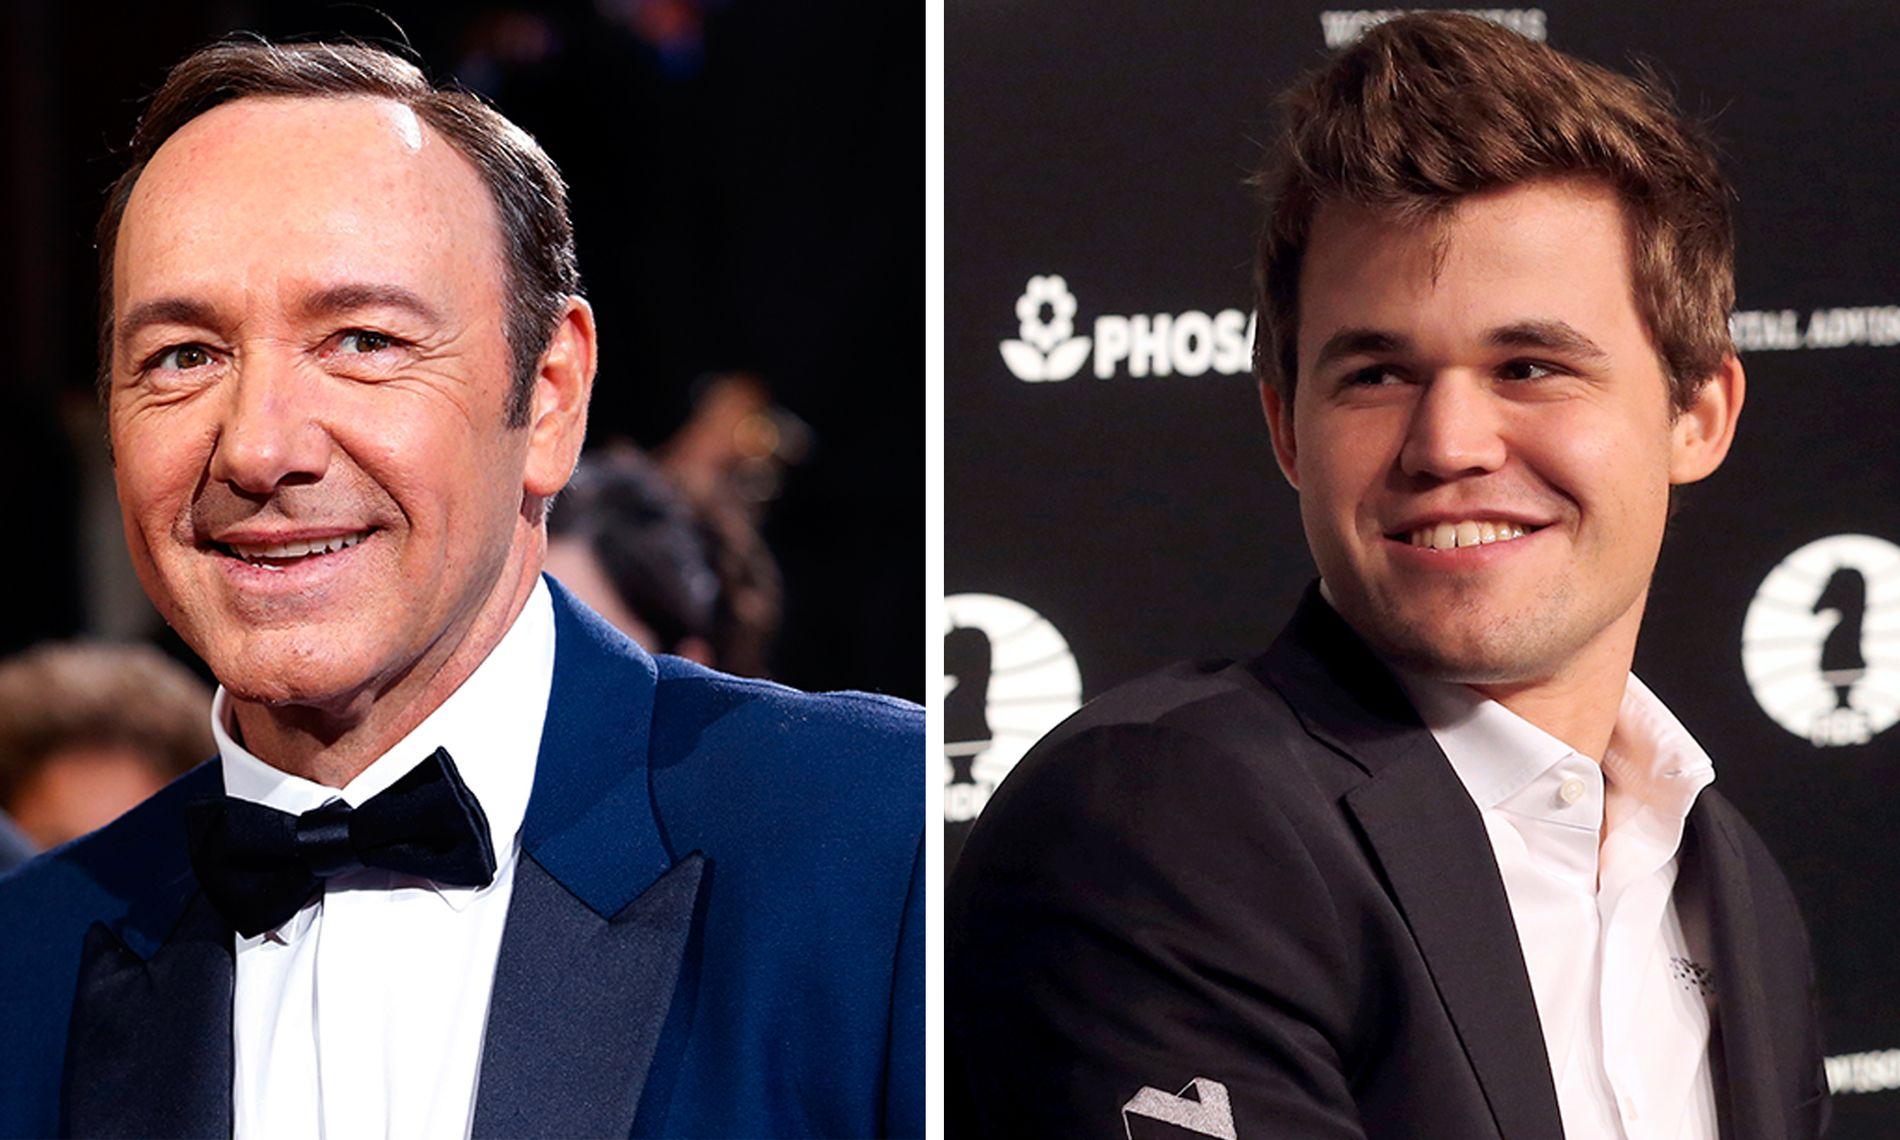 STJERNETREFF: Kevin Spacey, her under Oscar-utdelingen i 2014, møtte verdensmester Magnus Carlsen til et parti sjakk i California tidlig i mai.